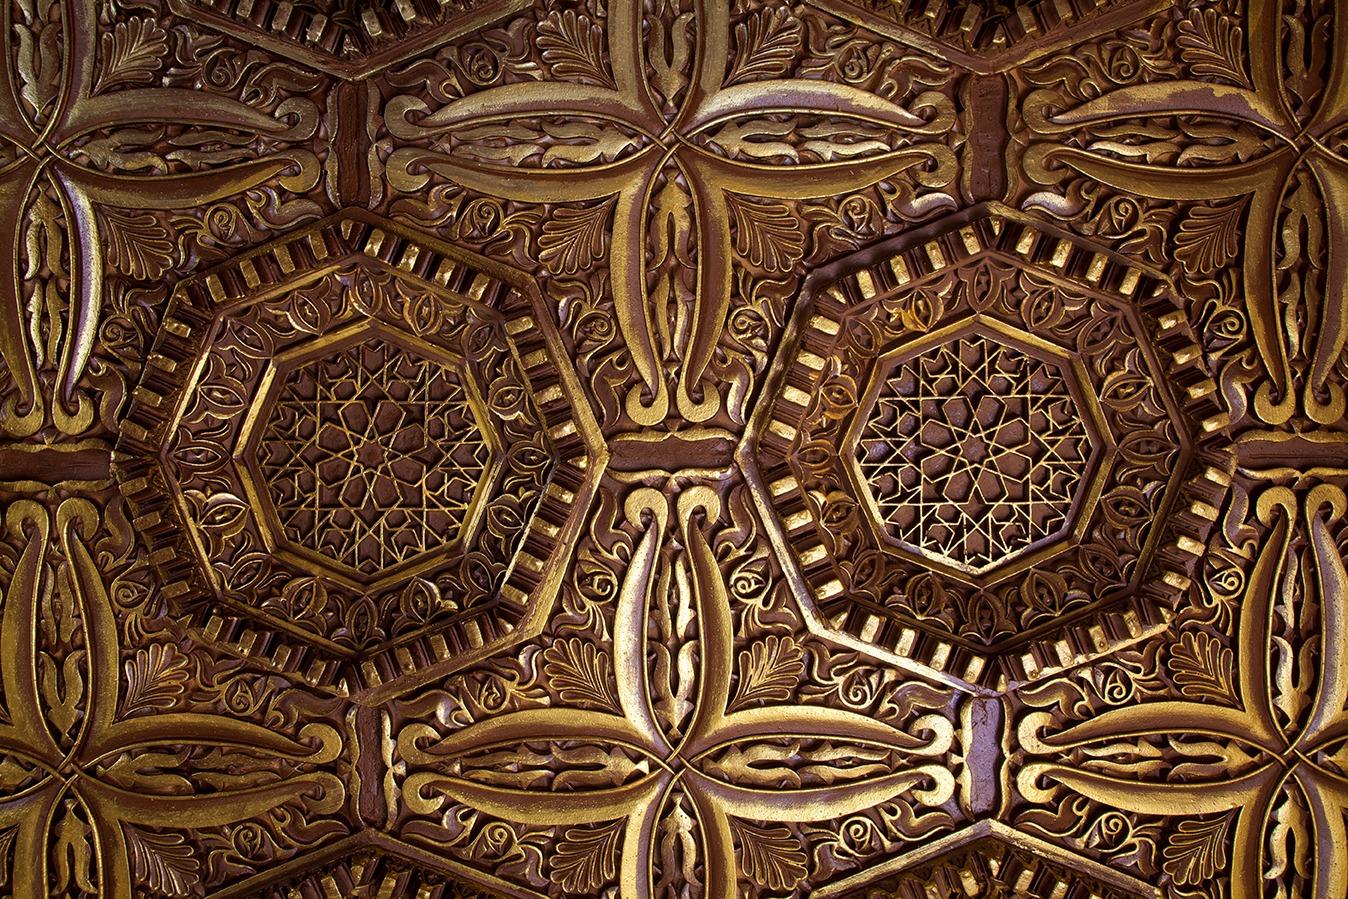 Techo mezquita rabe mud jar artesanos juntos - Escayola decorativa techo ...